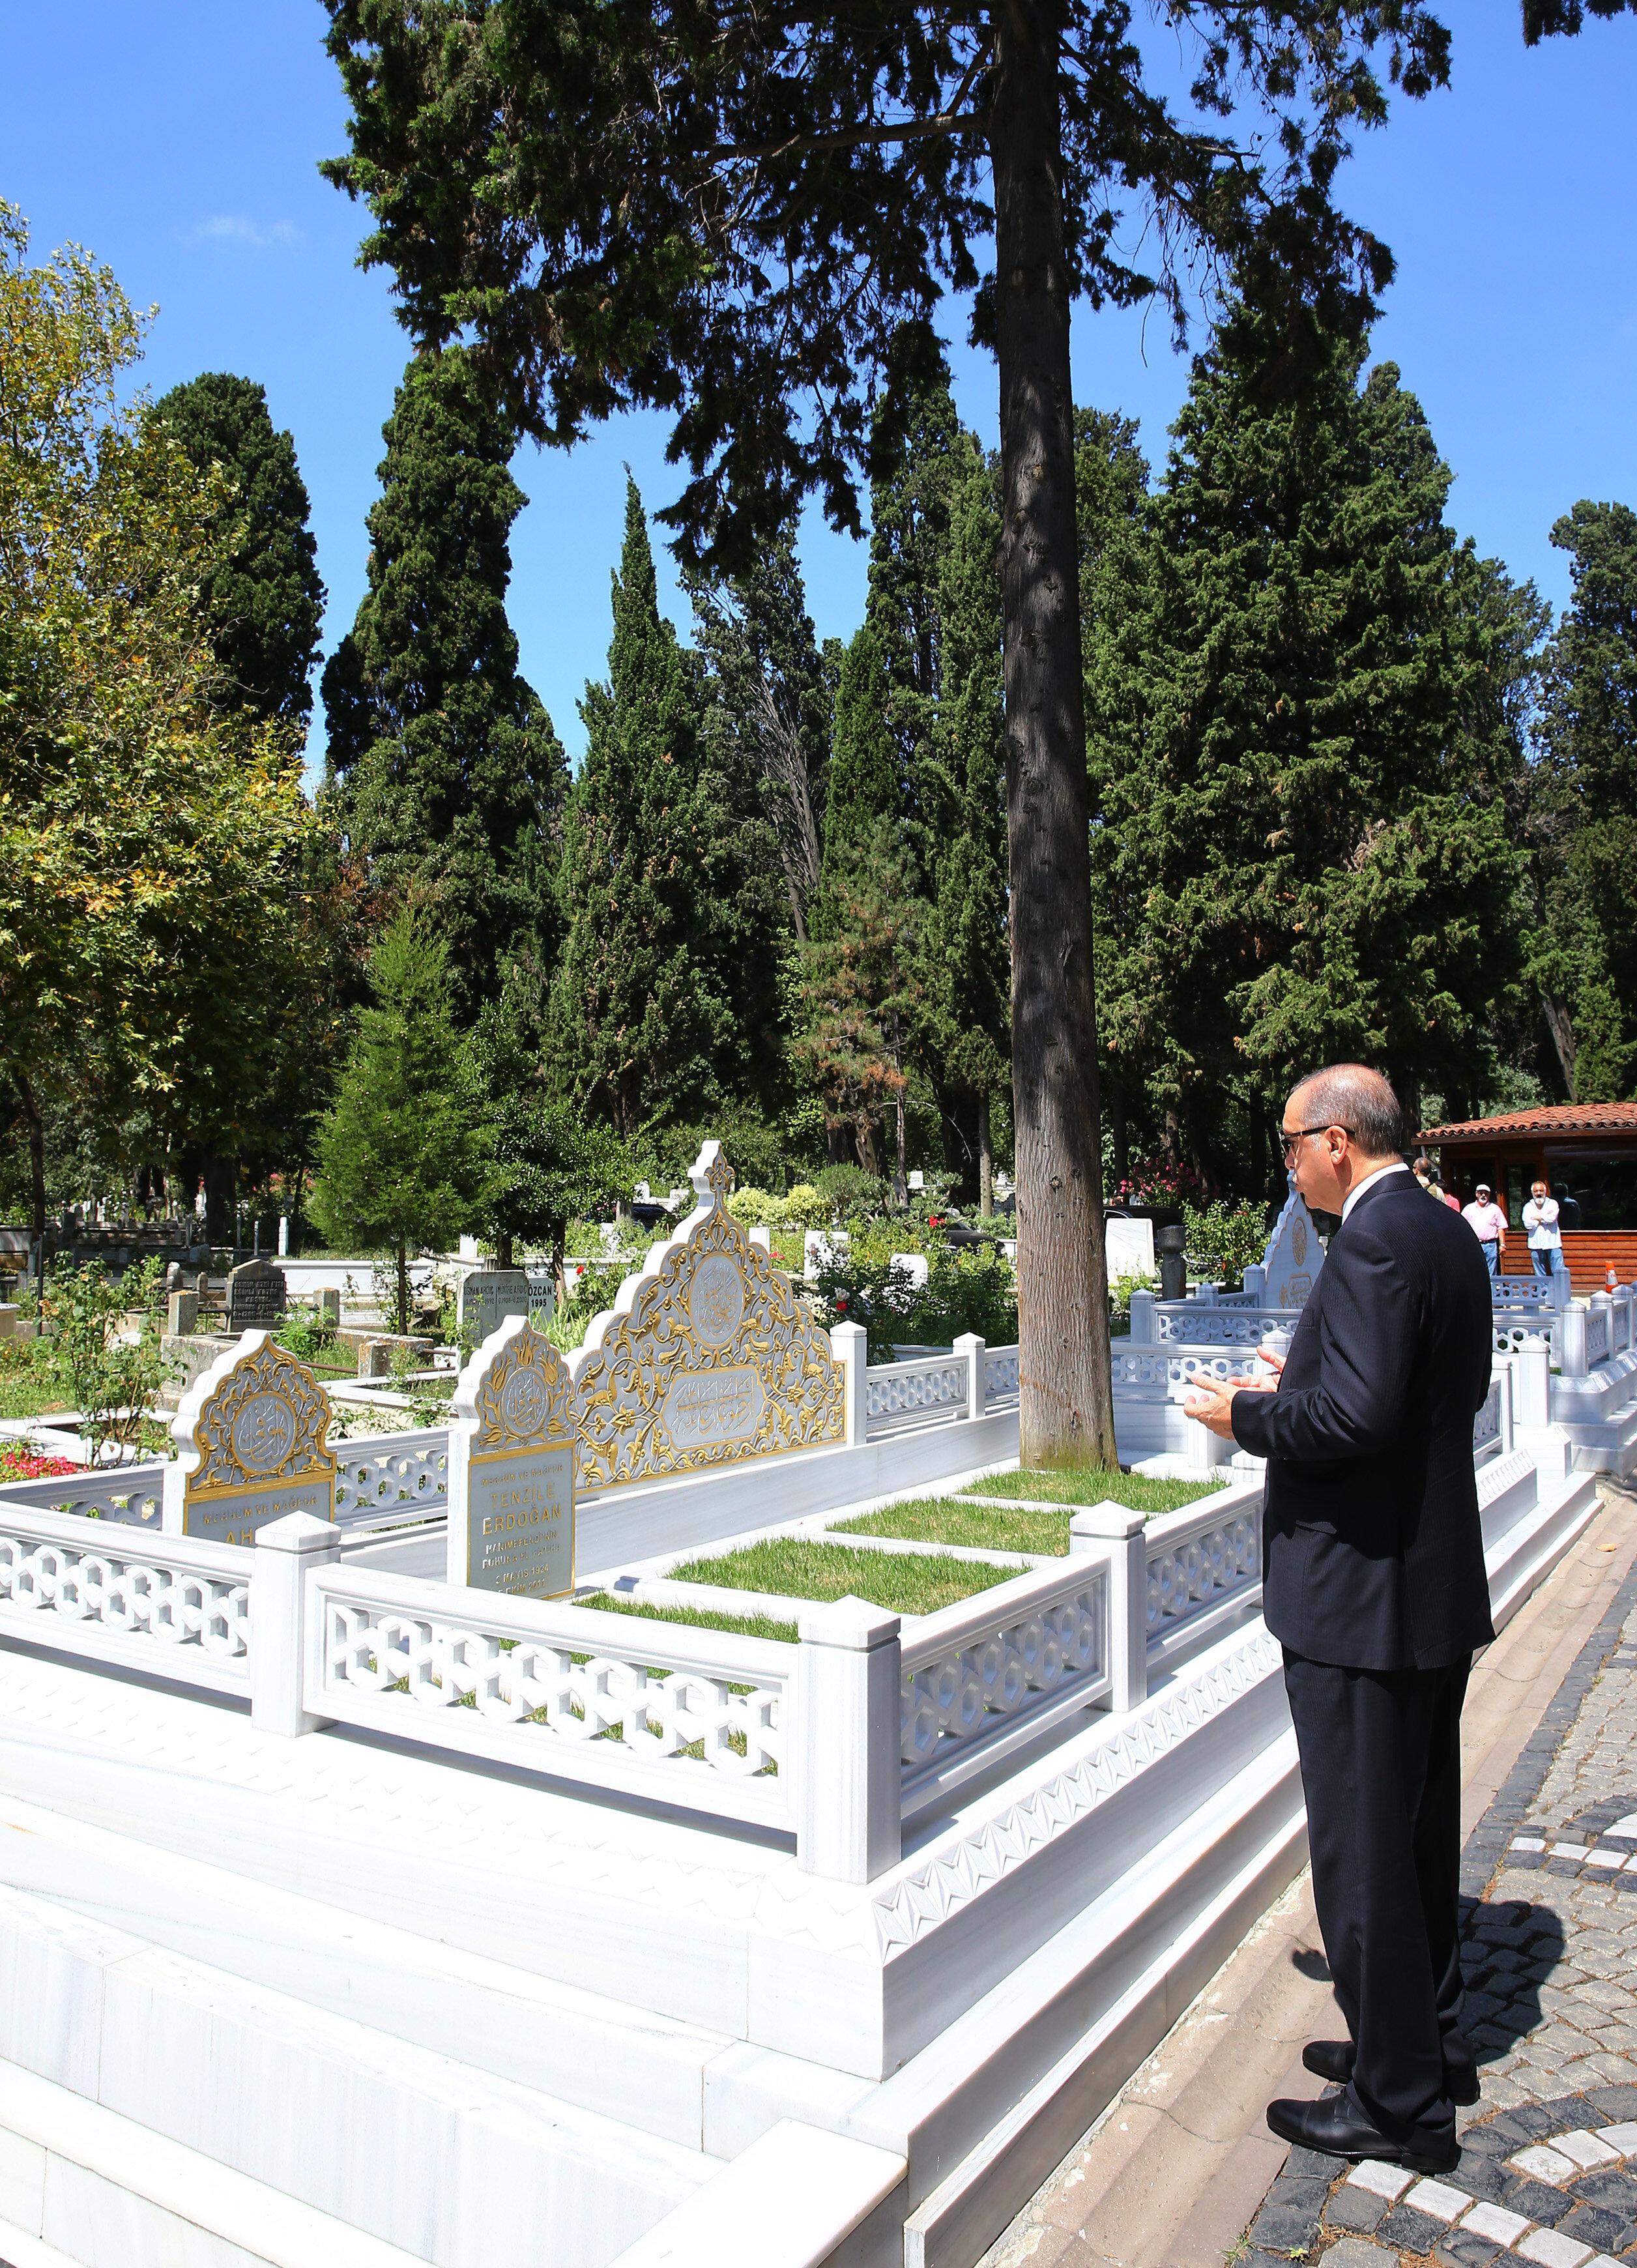 Cumhurbaşkanı Recep Tayyip Erdoğan, babası Ahmet, annesi Tenzile Erdoğan ile 15 Temmuz şehitleri Erol Olçak ve oğlu Abdullah Tayyip Olçak'ın Karacaahmet Mezarlığı'ndaki kabirlerini ziyaret etti.